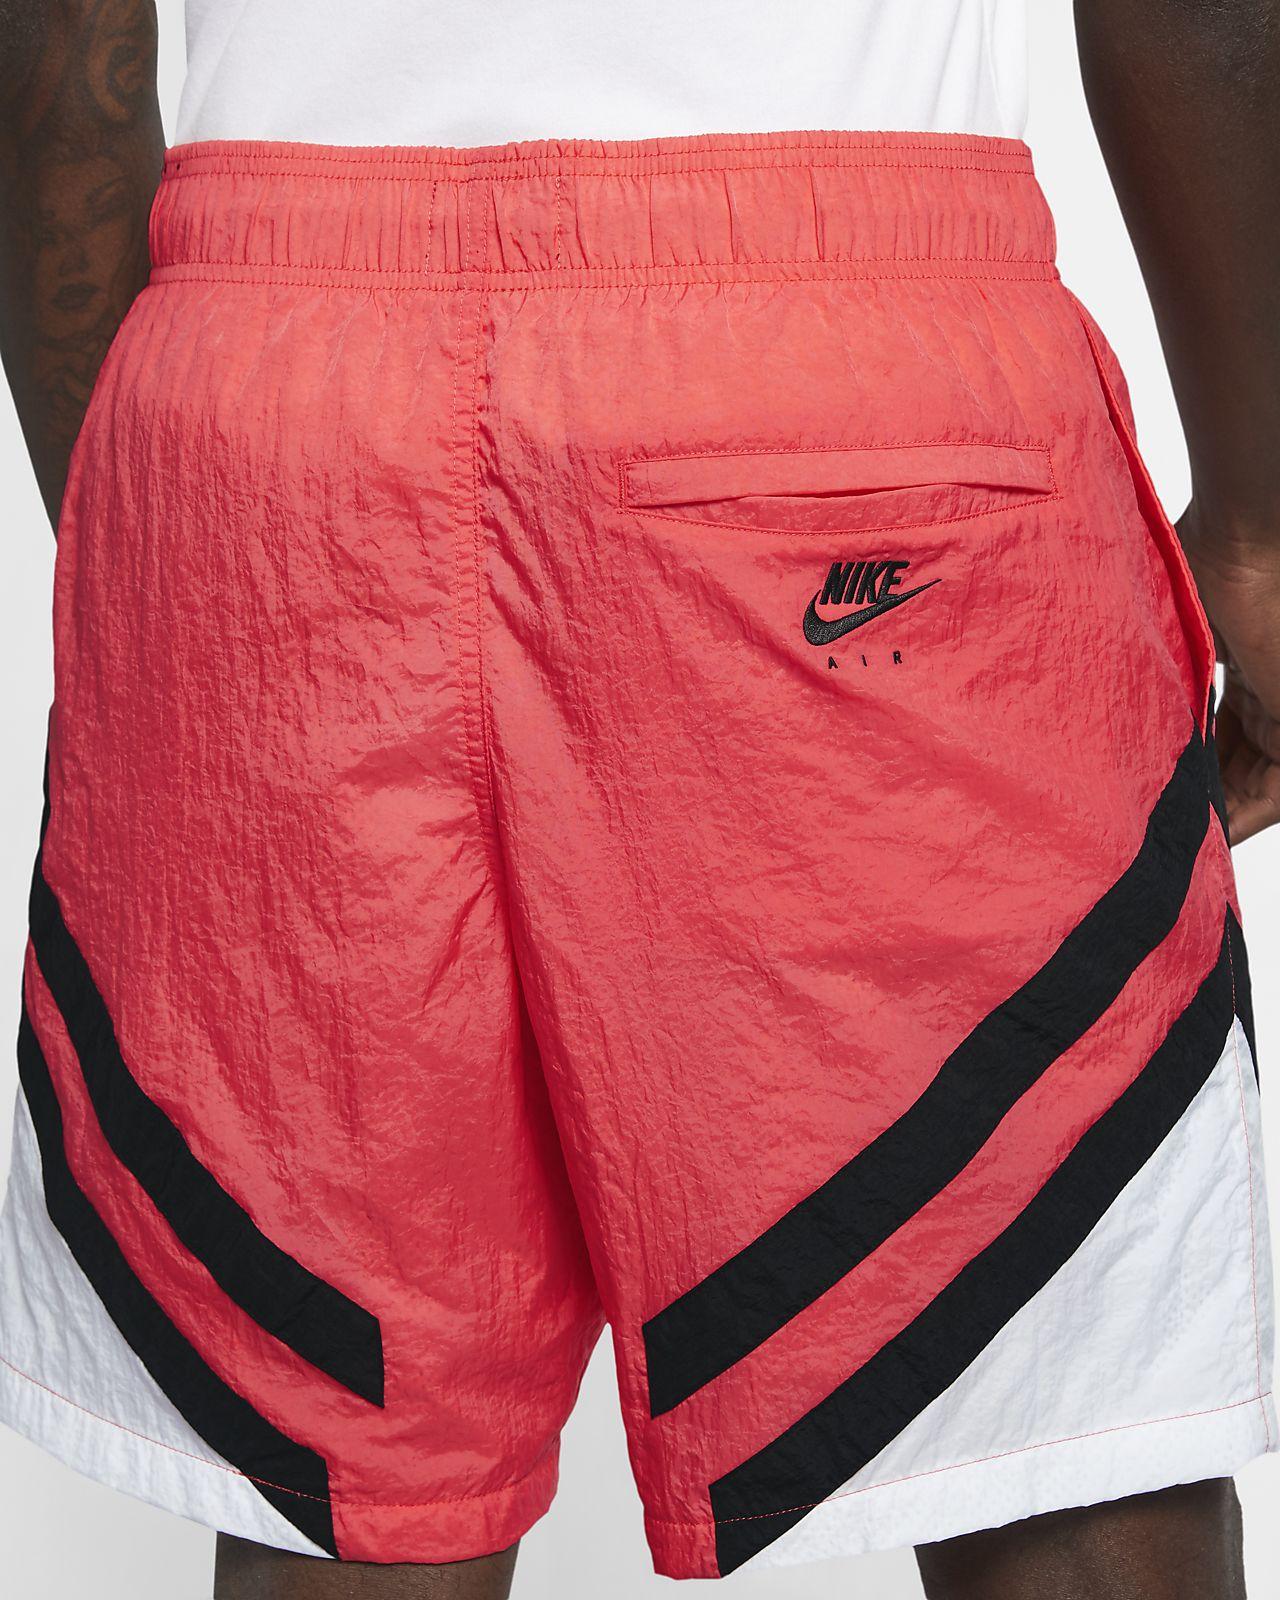 6dd9c7cf9bda Jordan Legacy AJ 6 Men s Nylon Shorts. Nike.com CA